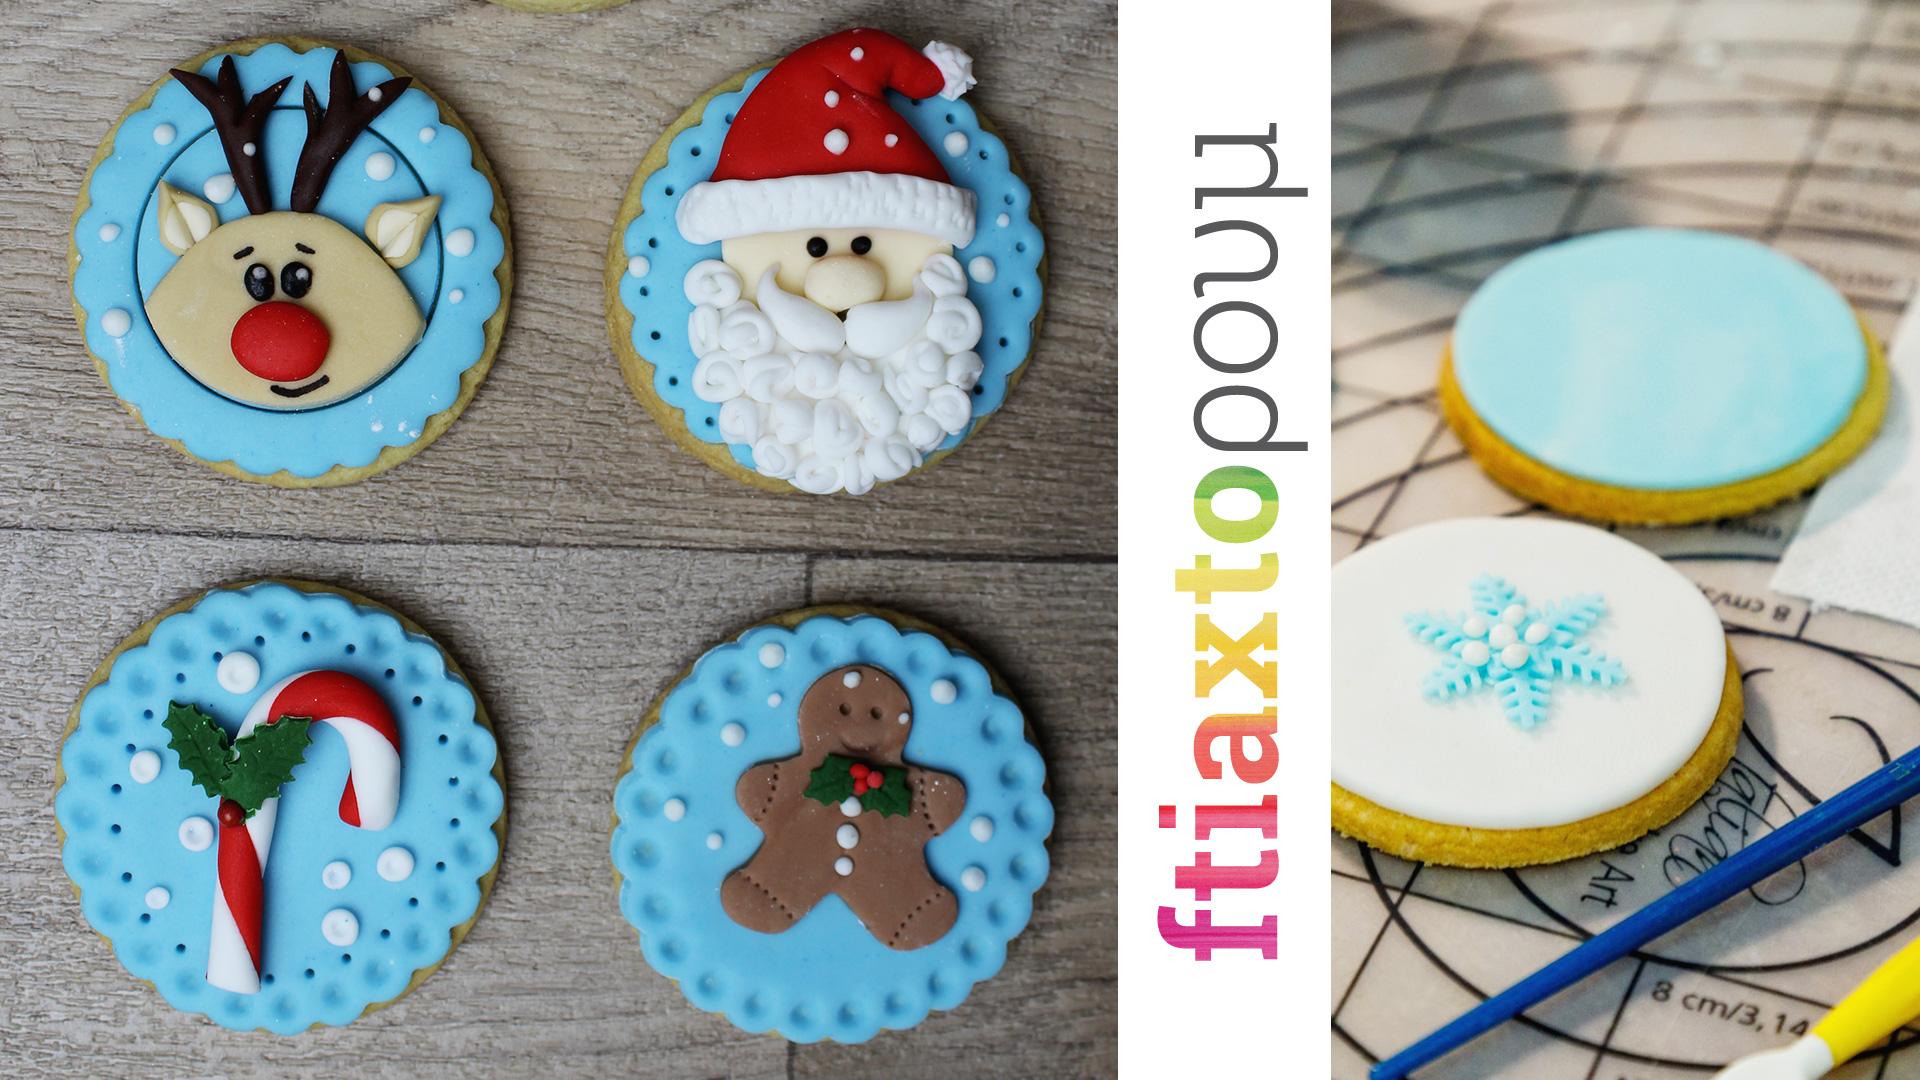 Διακόσμηση χριστουγεννιάτικων μπισκότων (επίπεδο 1)